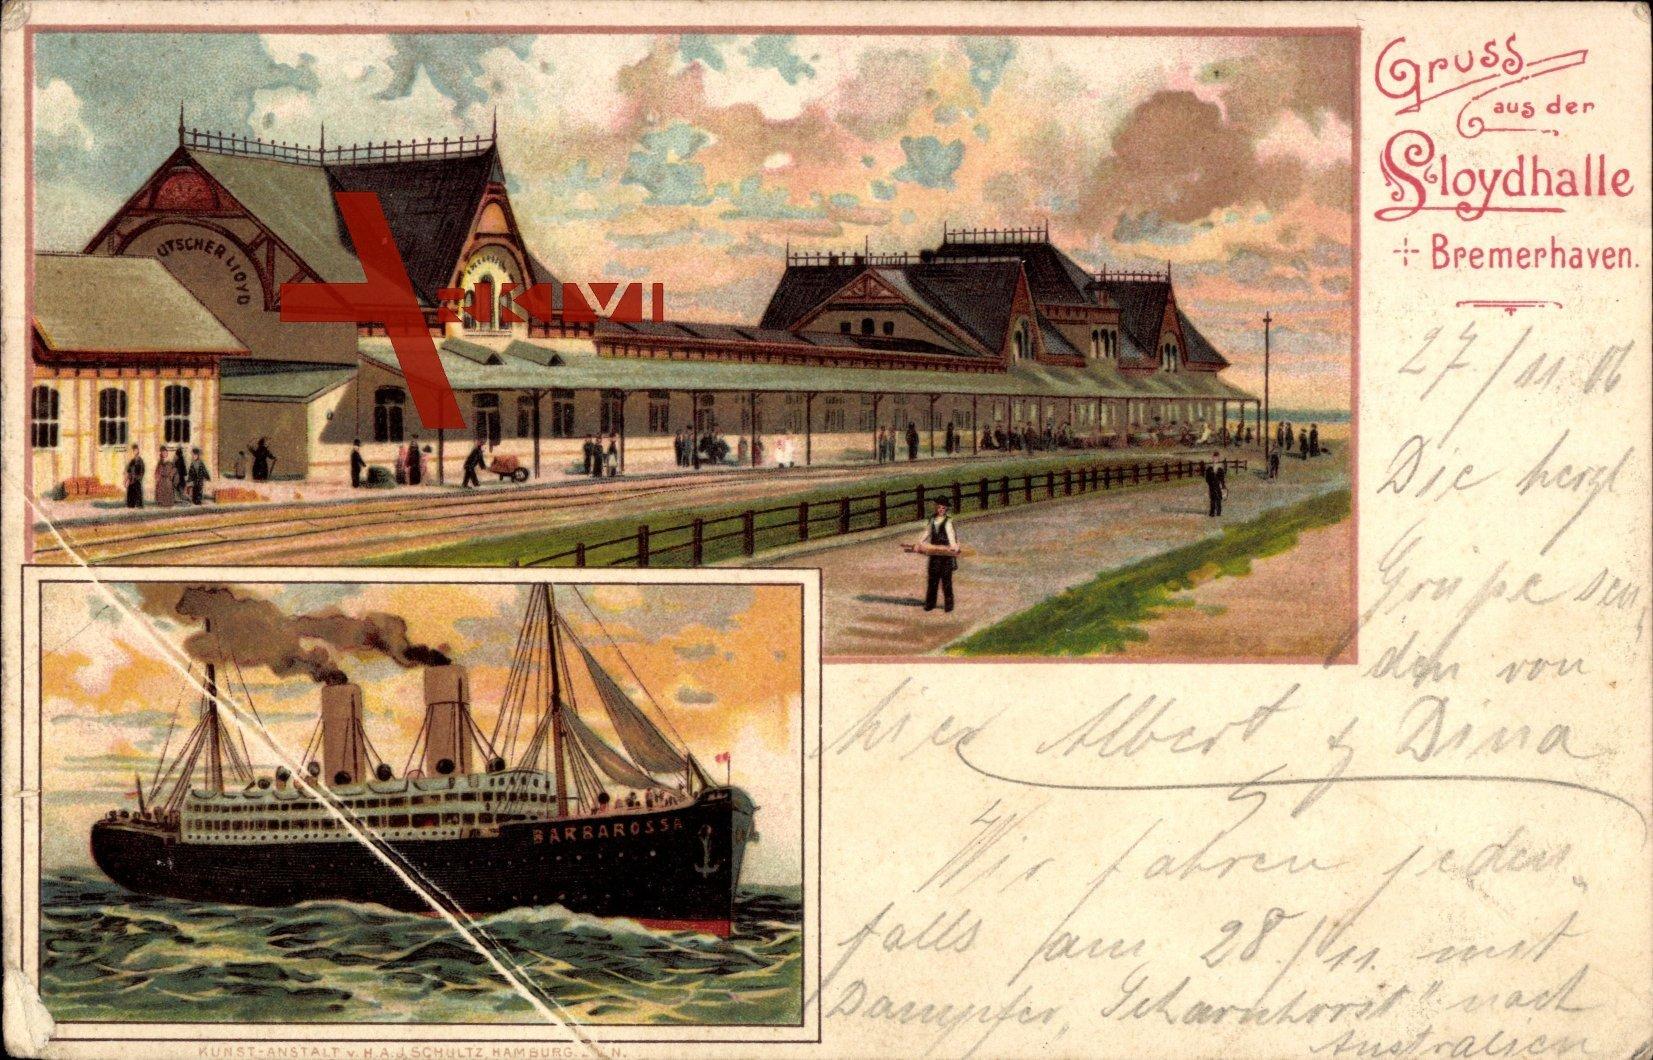 Bremerhaven, Lloydhalle, Dampfer Barbarossa